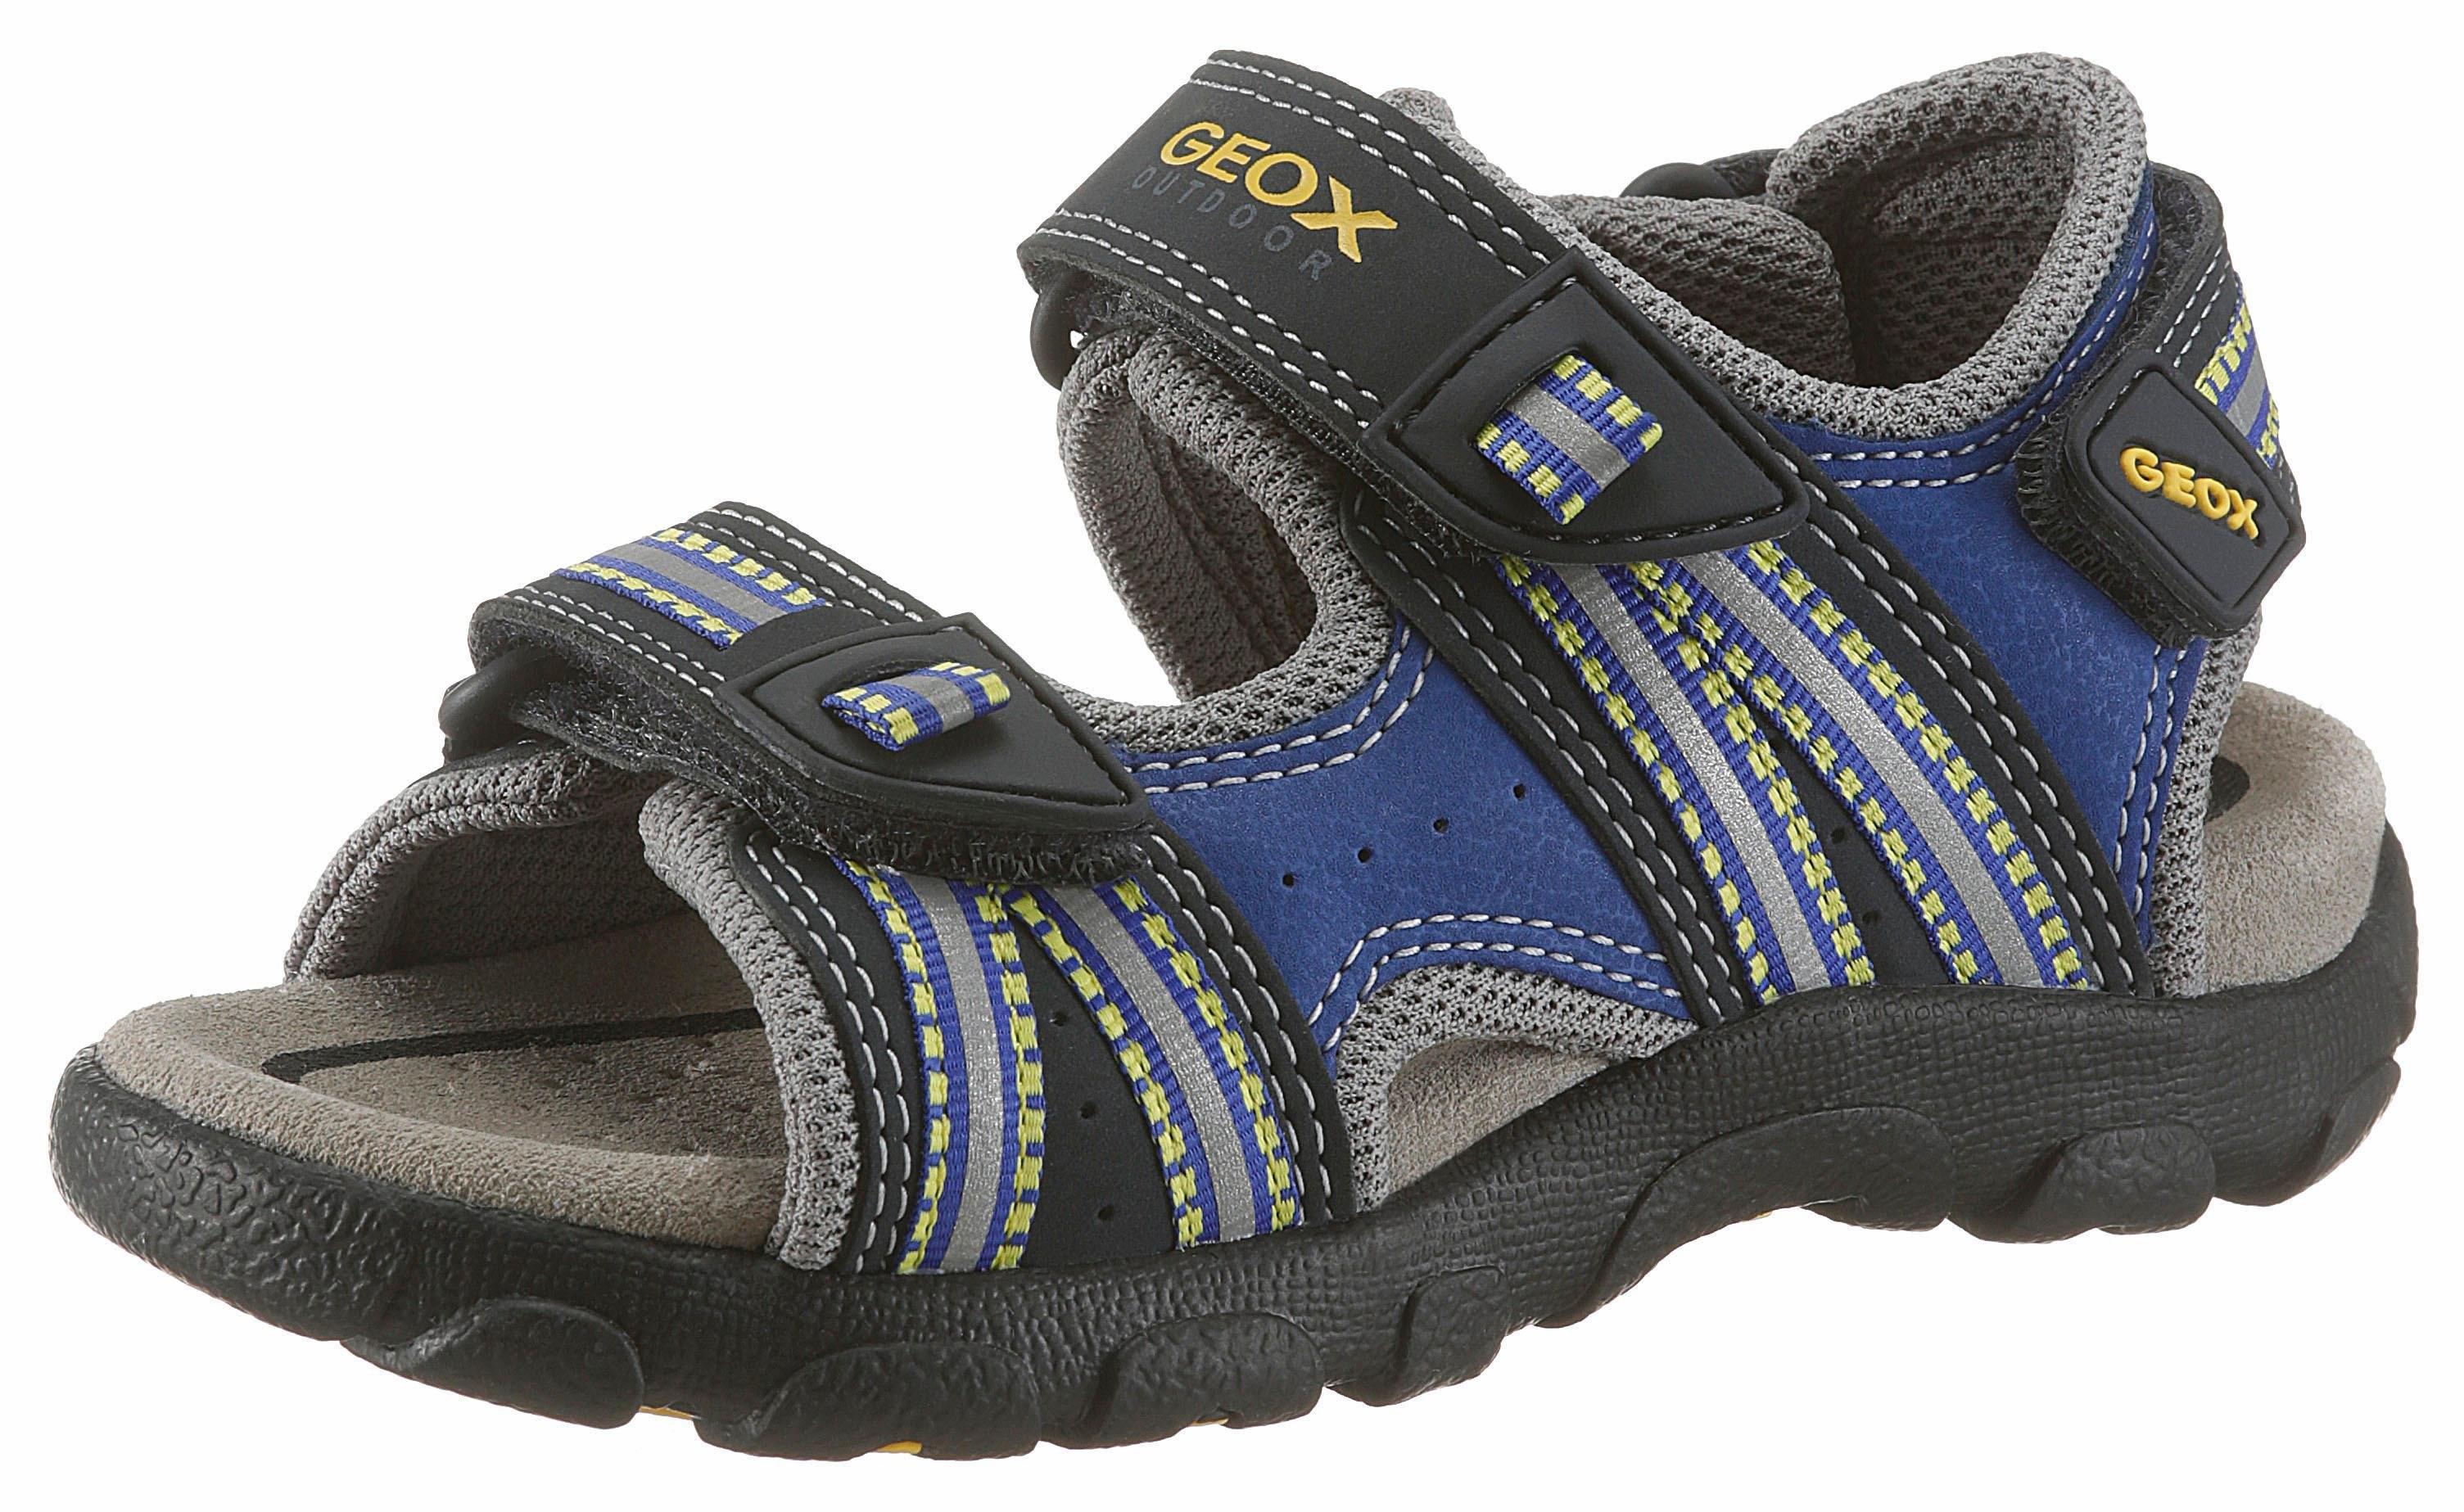 Geox Kids sandalen bestellen: 14 dagen bedenktijd